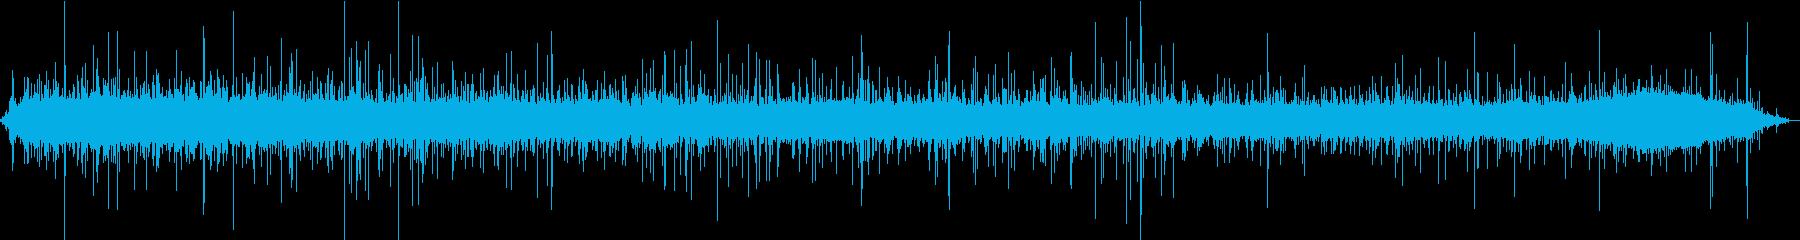 【生録音】美しい雨の音 2の再生済みの波形